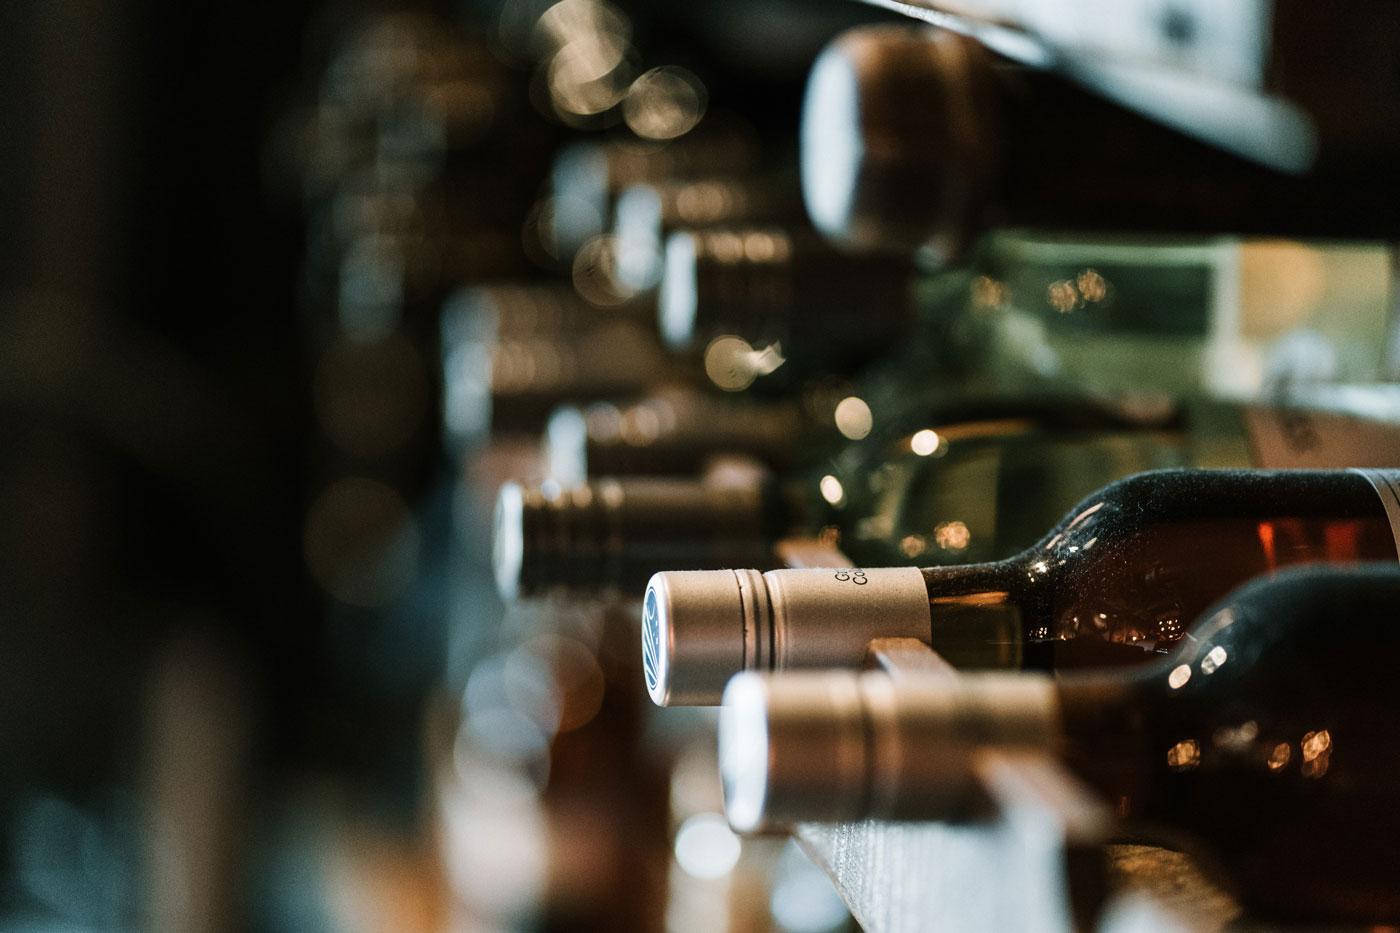 🍷 Київський винний бар запустив бота-сомельє для підбору та замовлення вина онлайн (оновлено)